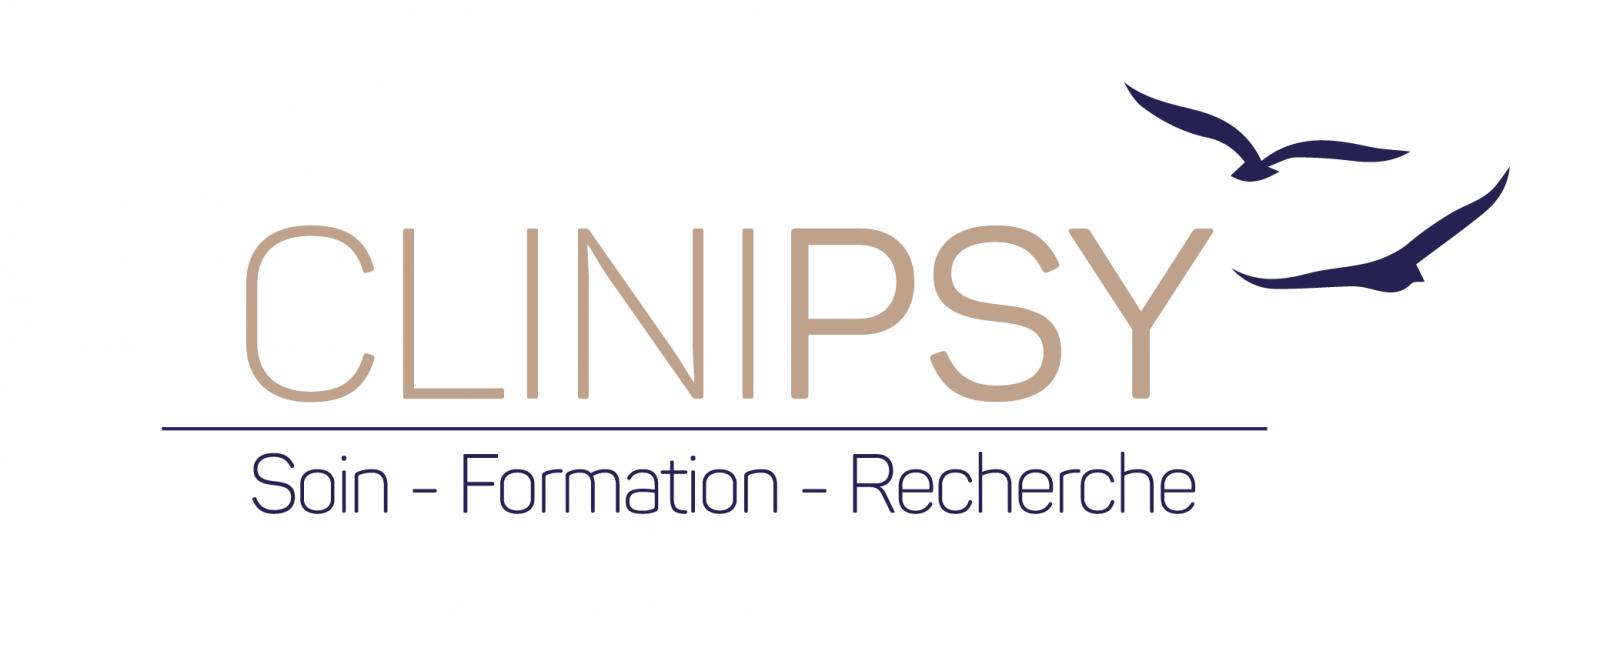 Clinipsy recherche des psychiatres pour l'ouverture de nouvelles cliniques